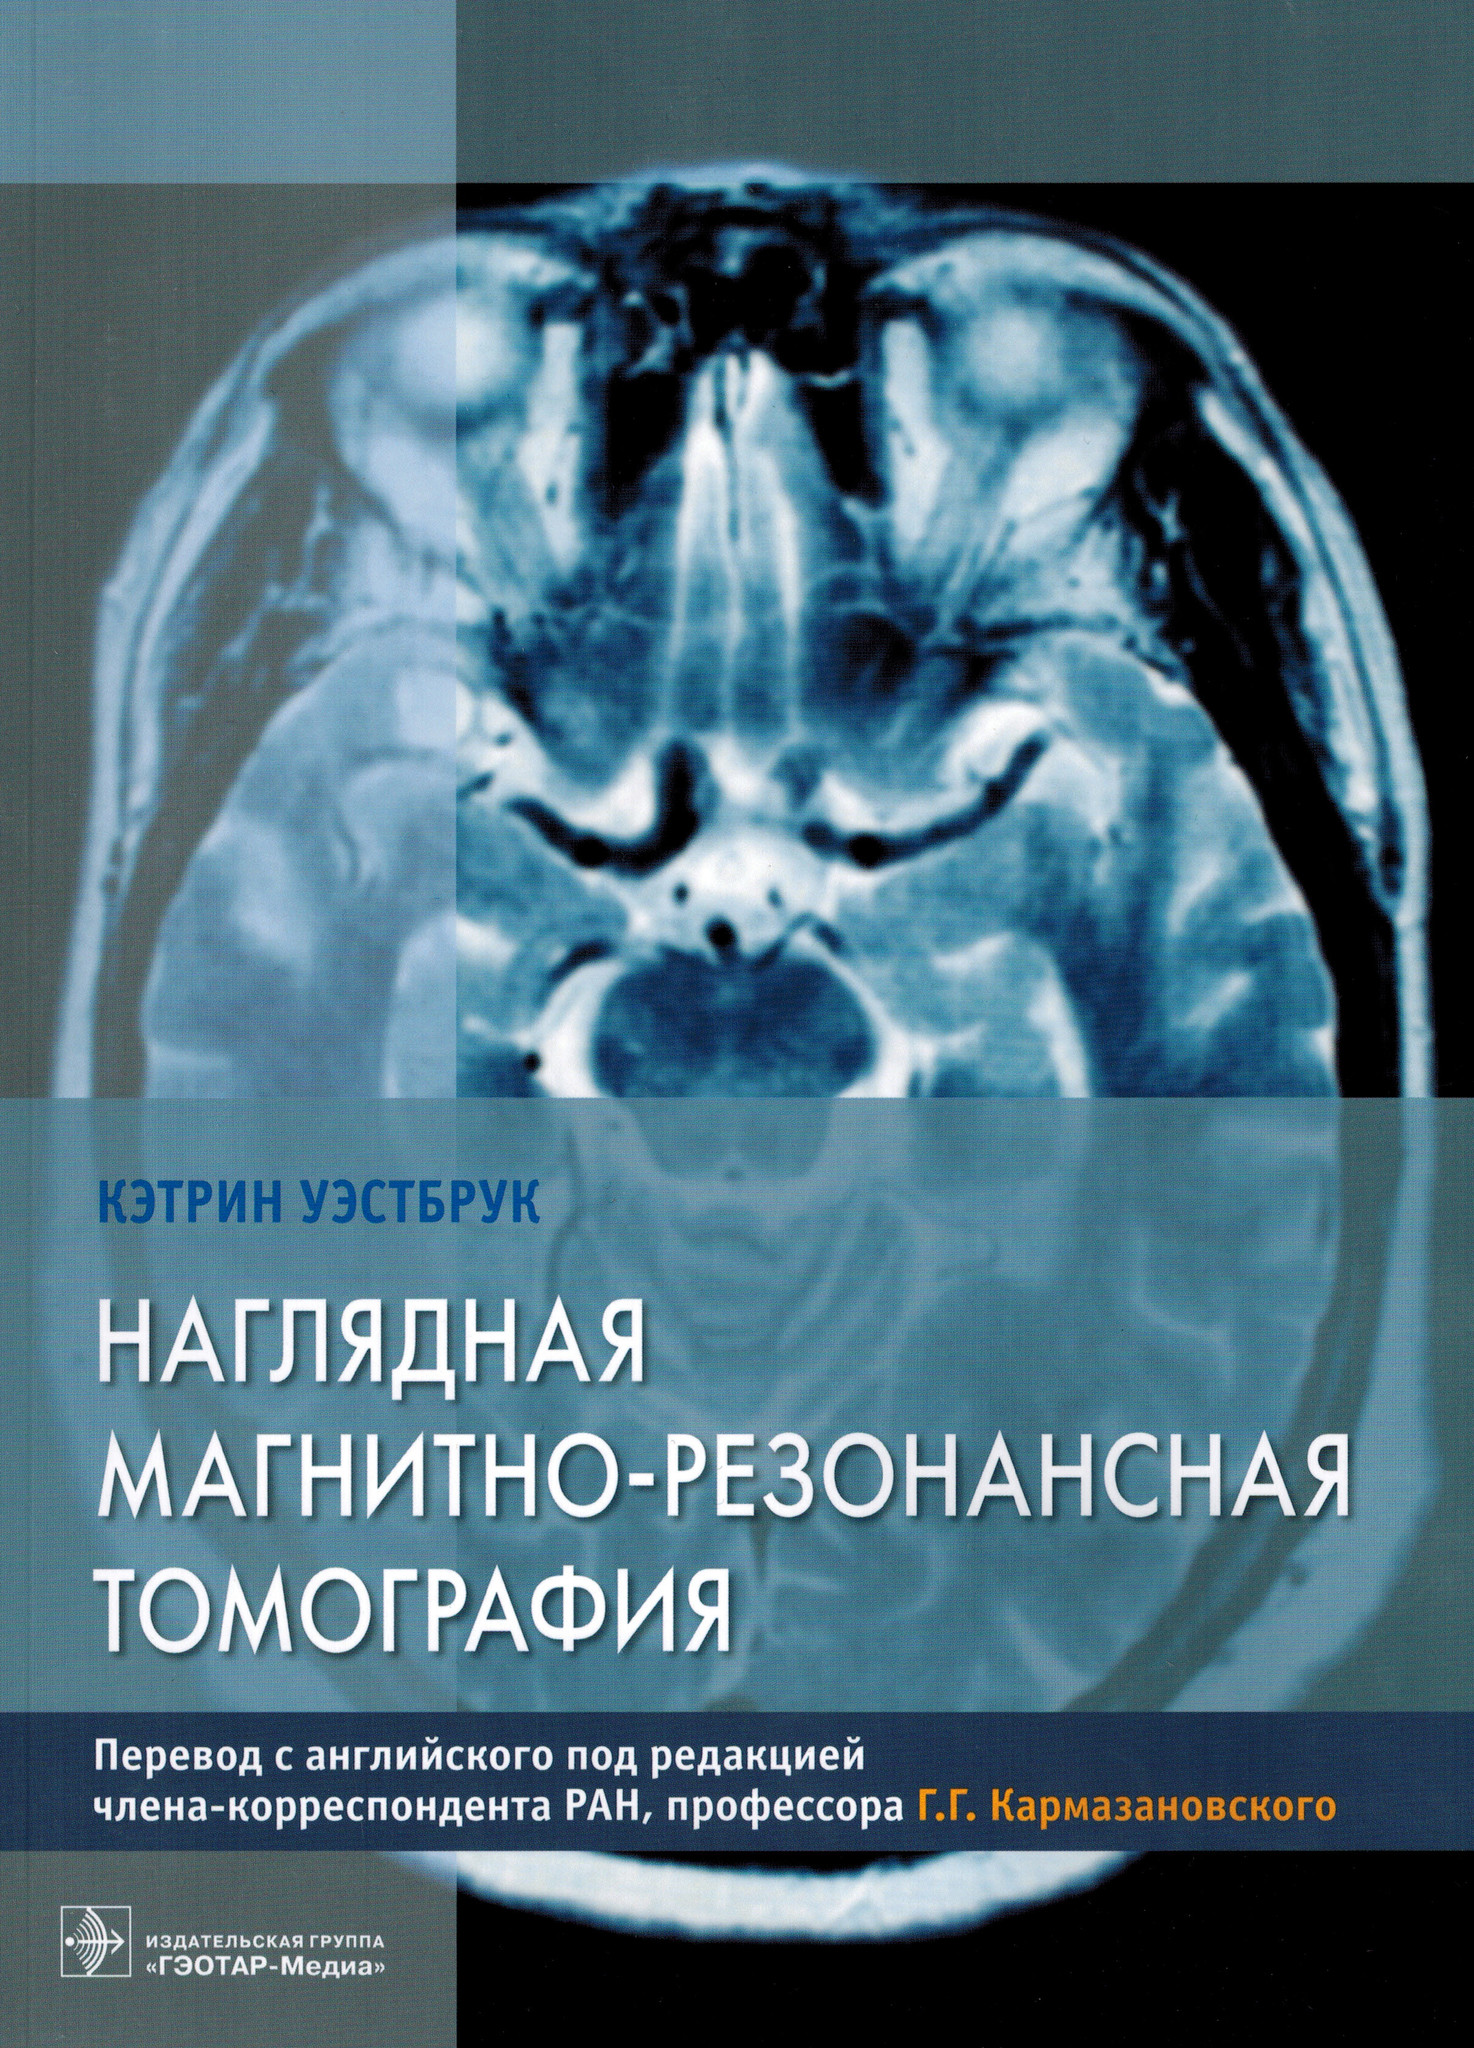 Каталог Наглядная магнитно-резонансная томография nmrt.jpg